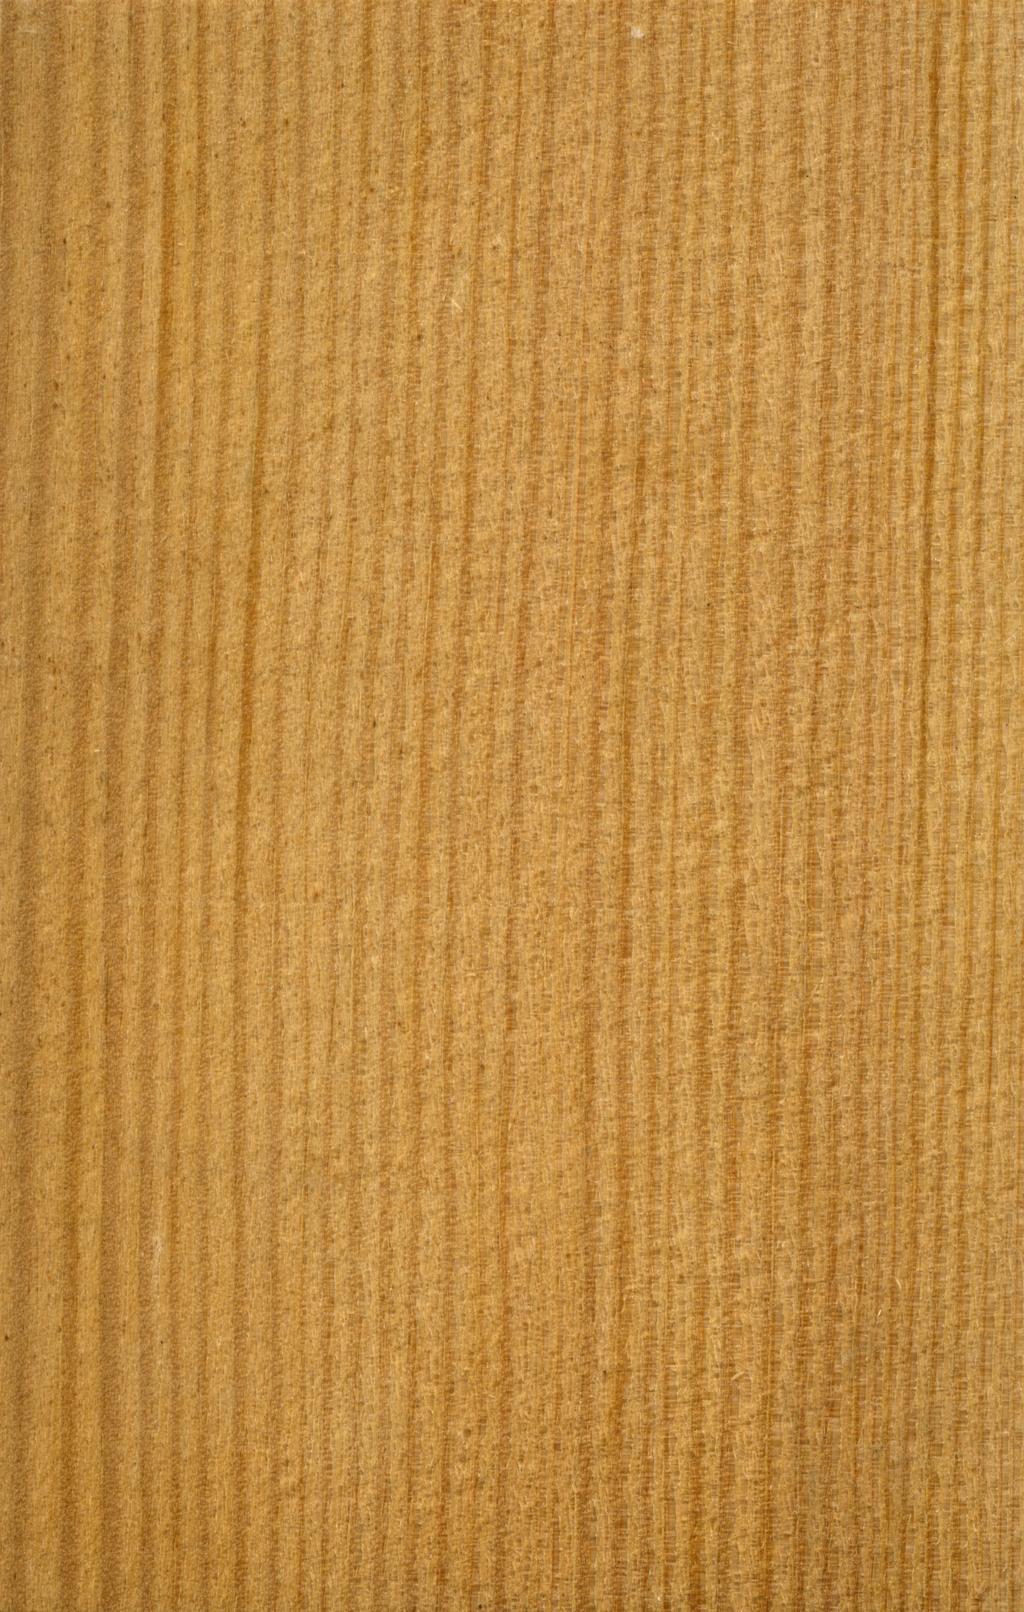 实木纹理材质贴图素材